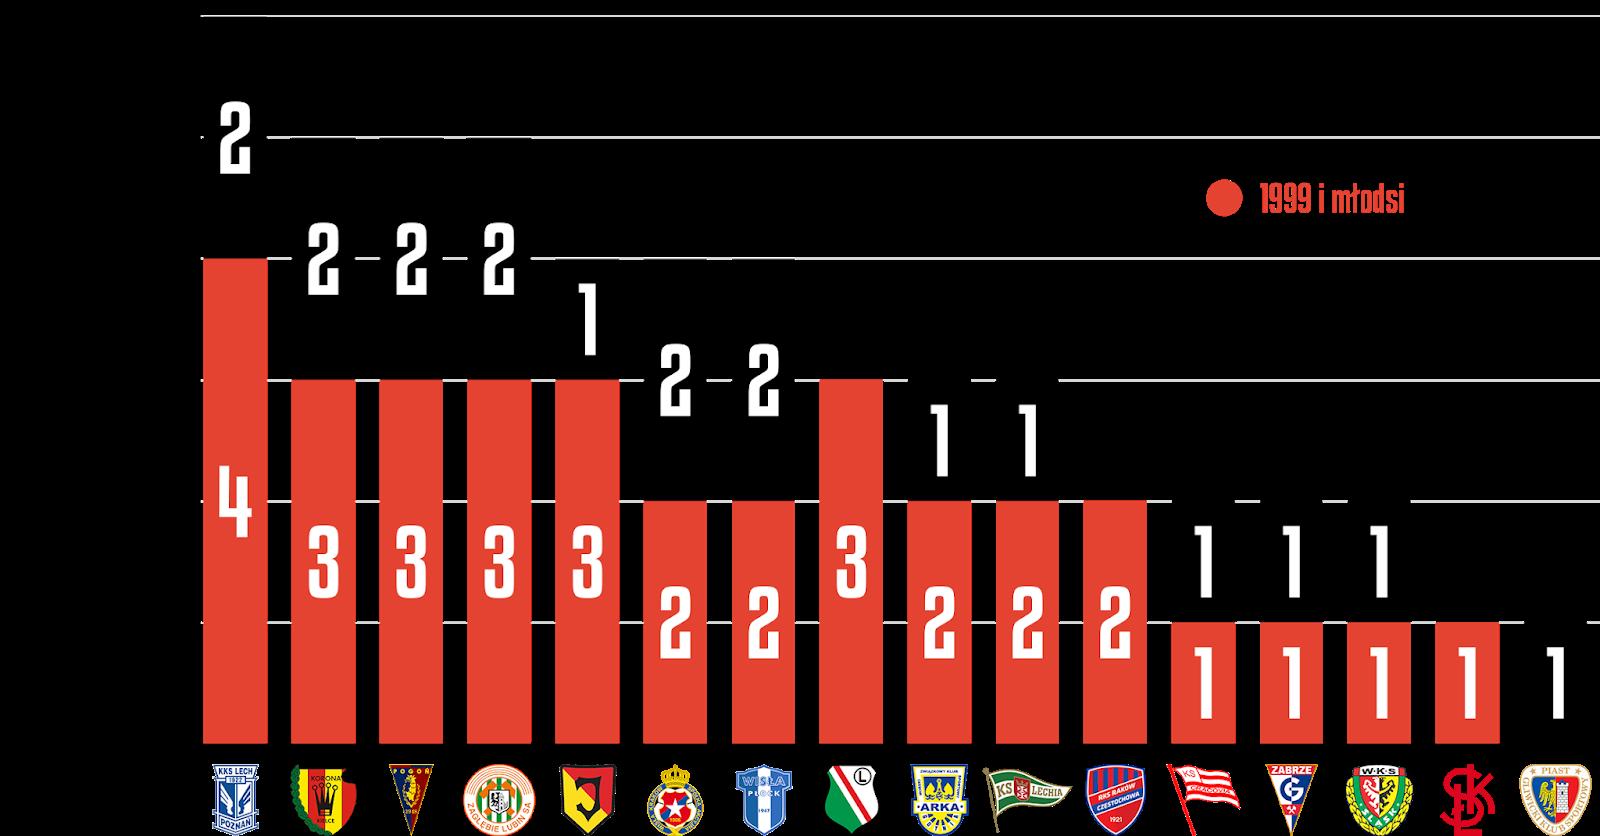 Młodzieżowcy w 35. kolejce PKO Ekstraklasy<br><br>Źródło: Opracowanie własne na podstawie ekstrastats.pl<br><br>graf. Bartosz Urban